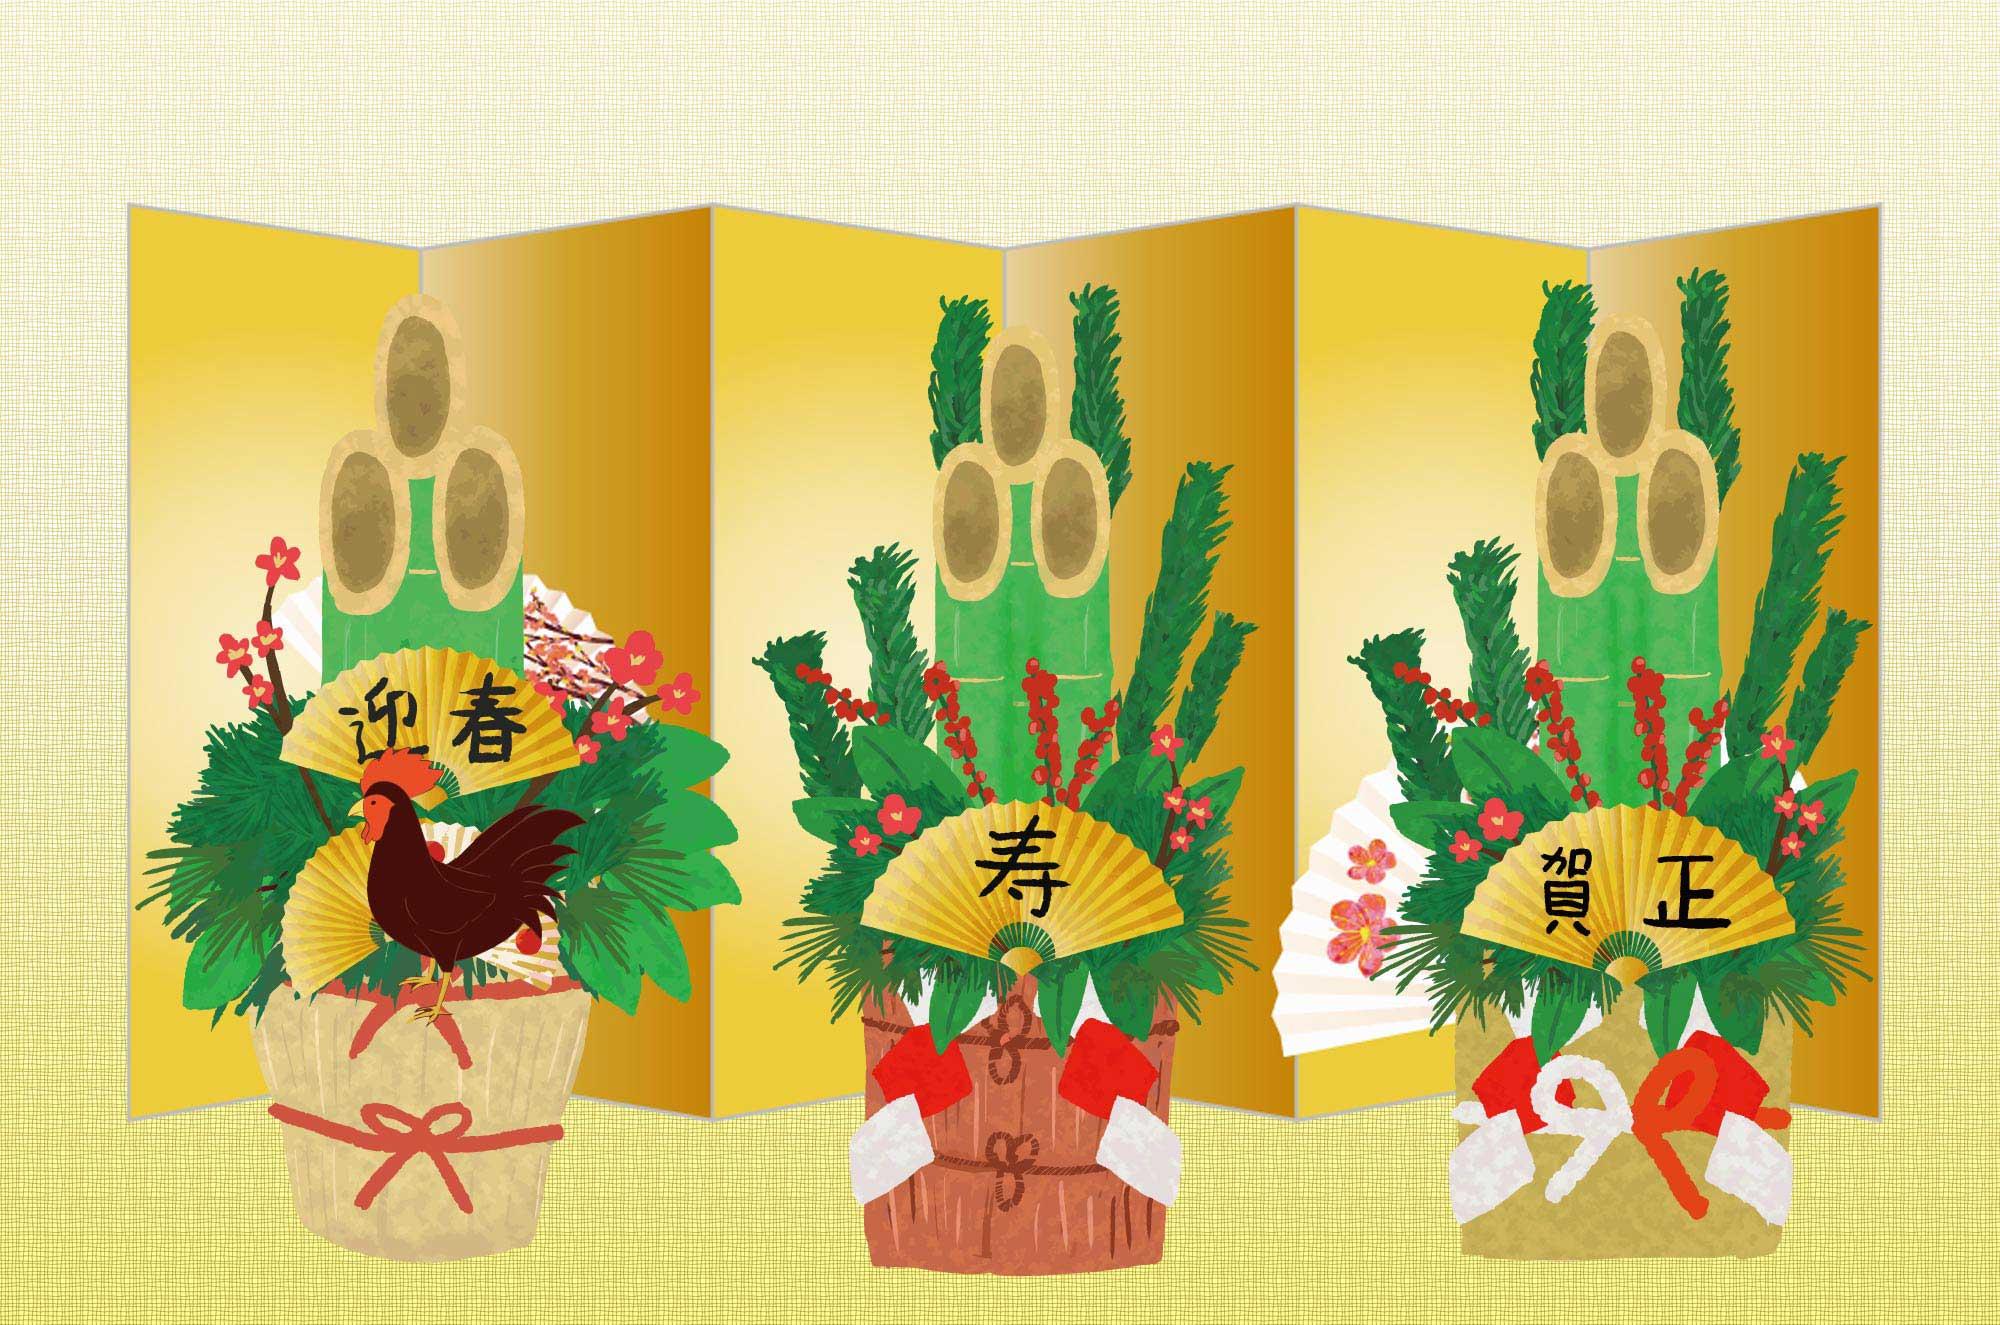 門松イラスト - 松・竹・梅のお正月縁起物のフリー素材